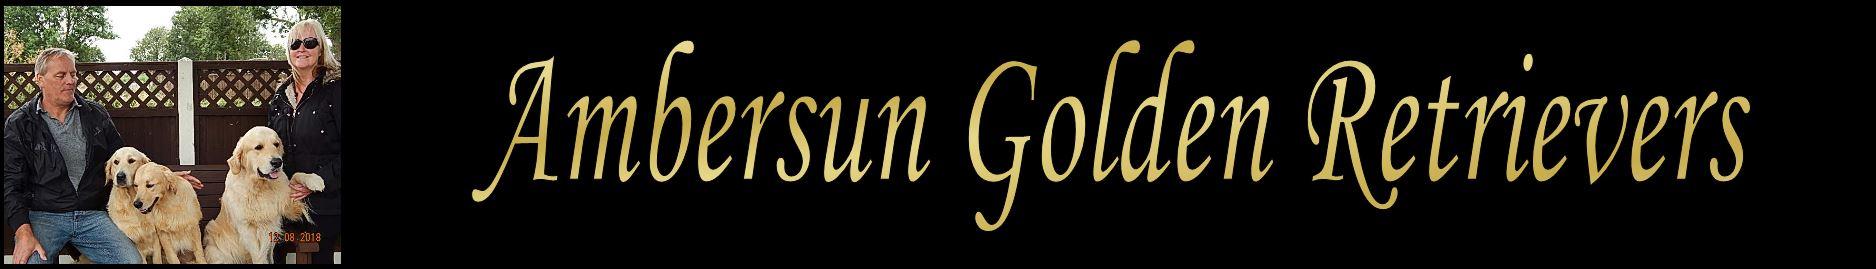 Ambersun Golden Retrievers